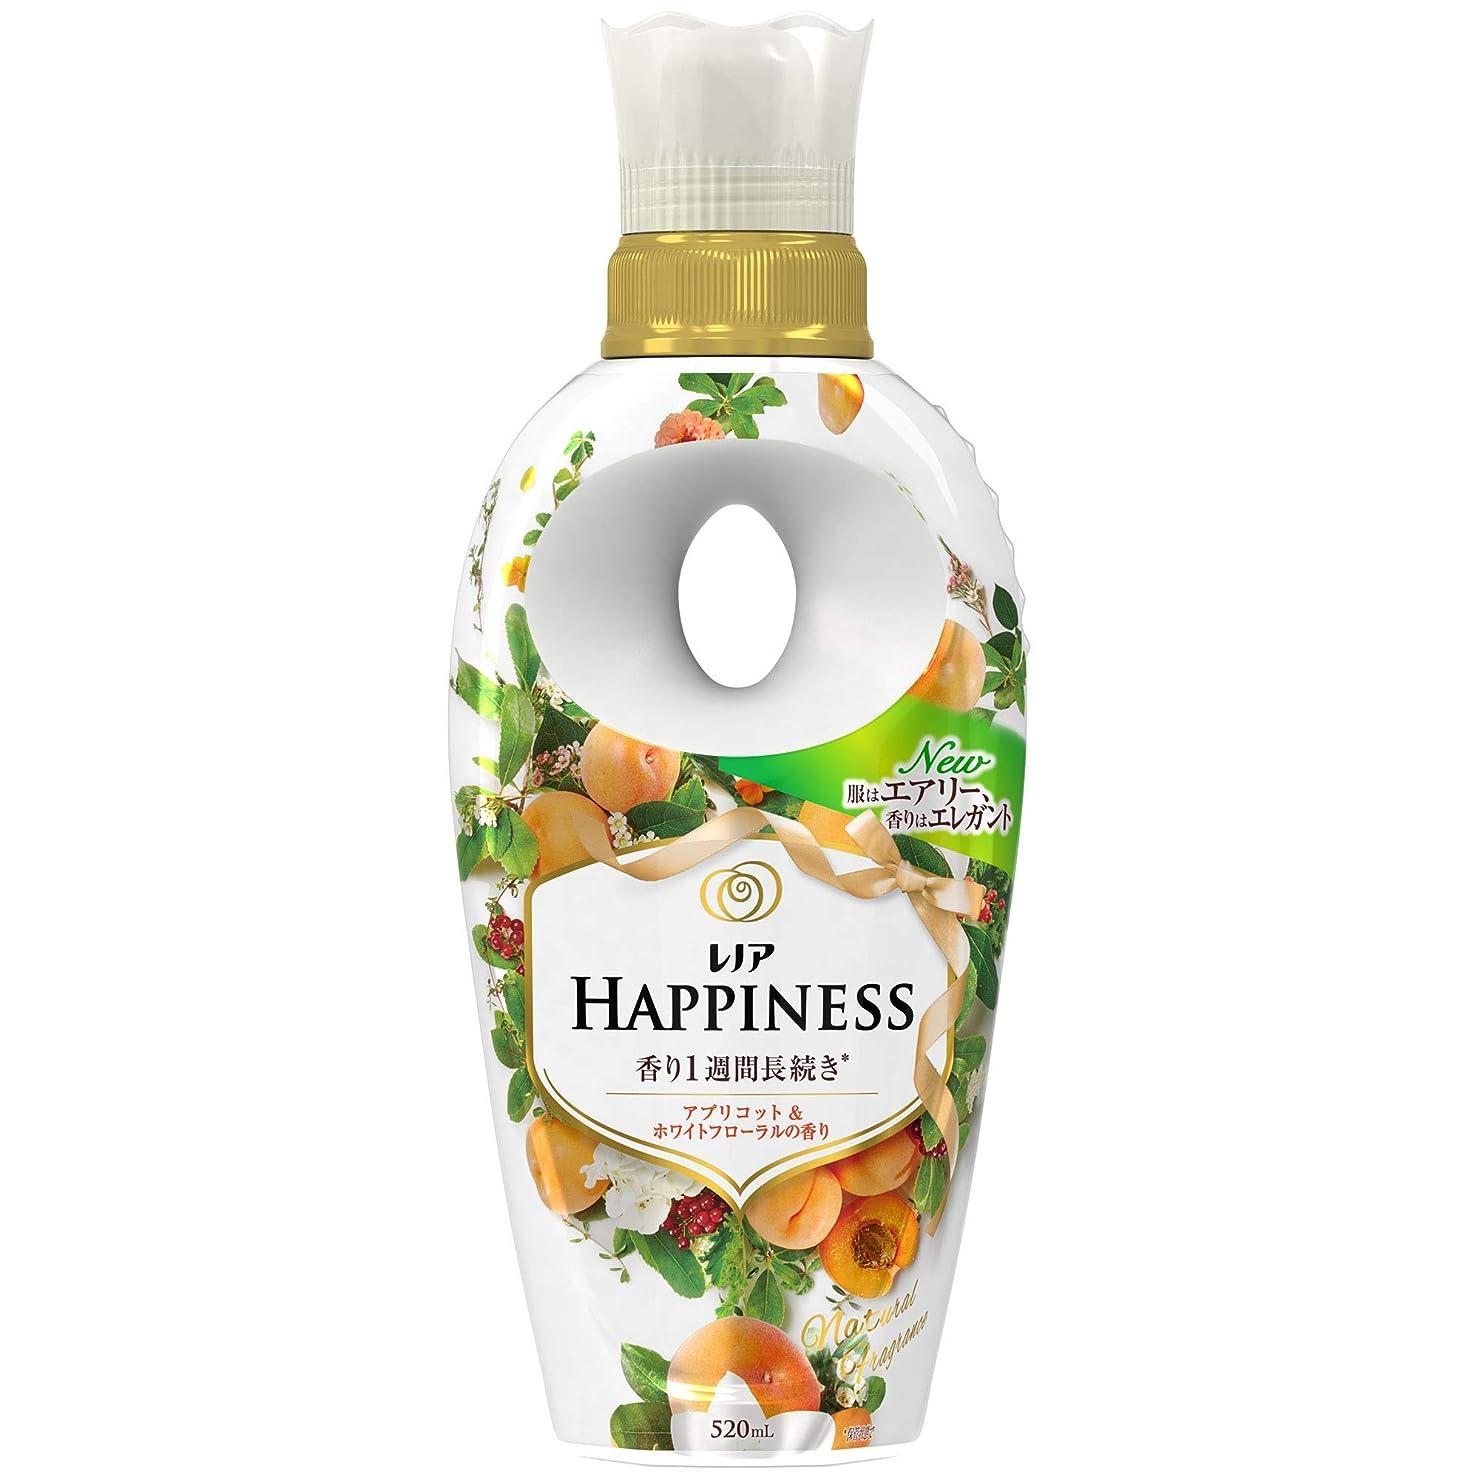 チェリージャンプするゴールデンレノア ハピネス 柔軟剤 ナチュラルフレグランスシリーズ アプリコット&ホワイトフローラルの香り 本体 520mL